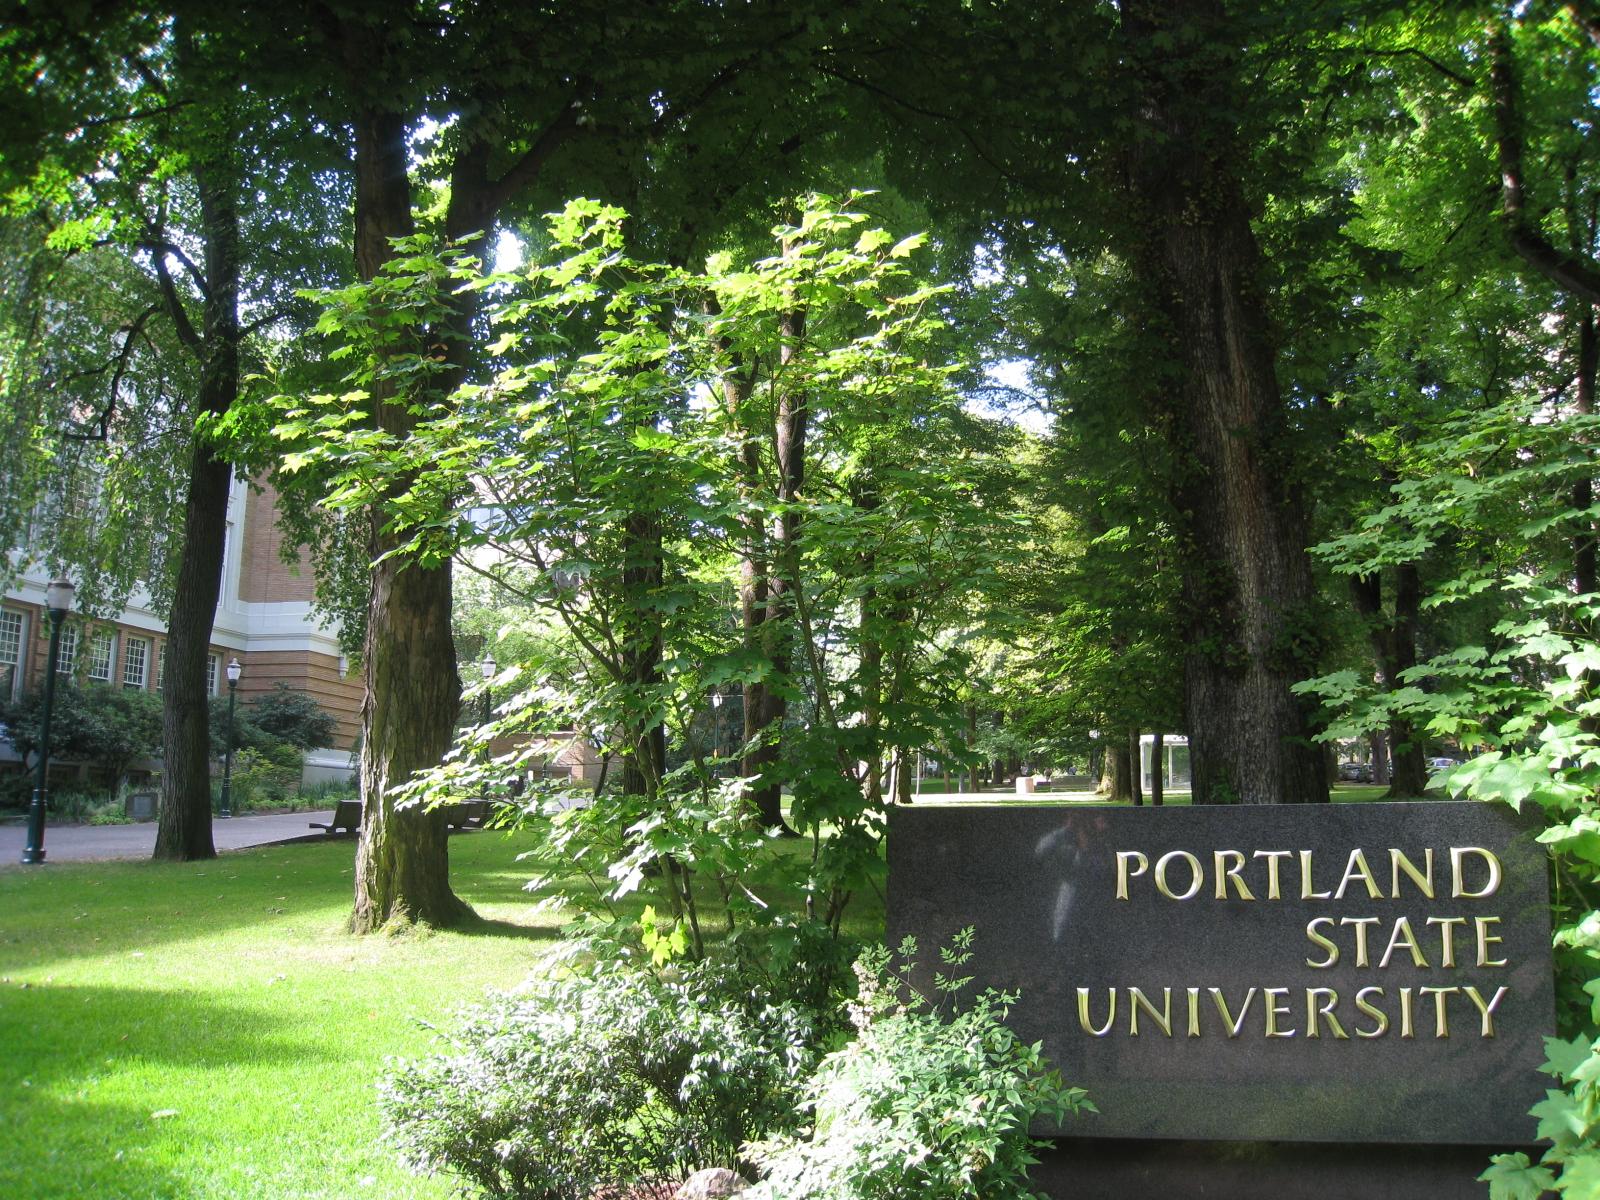 ポートランド州立大学